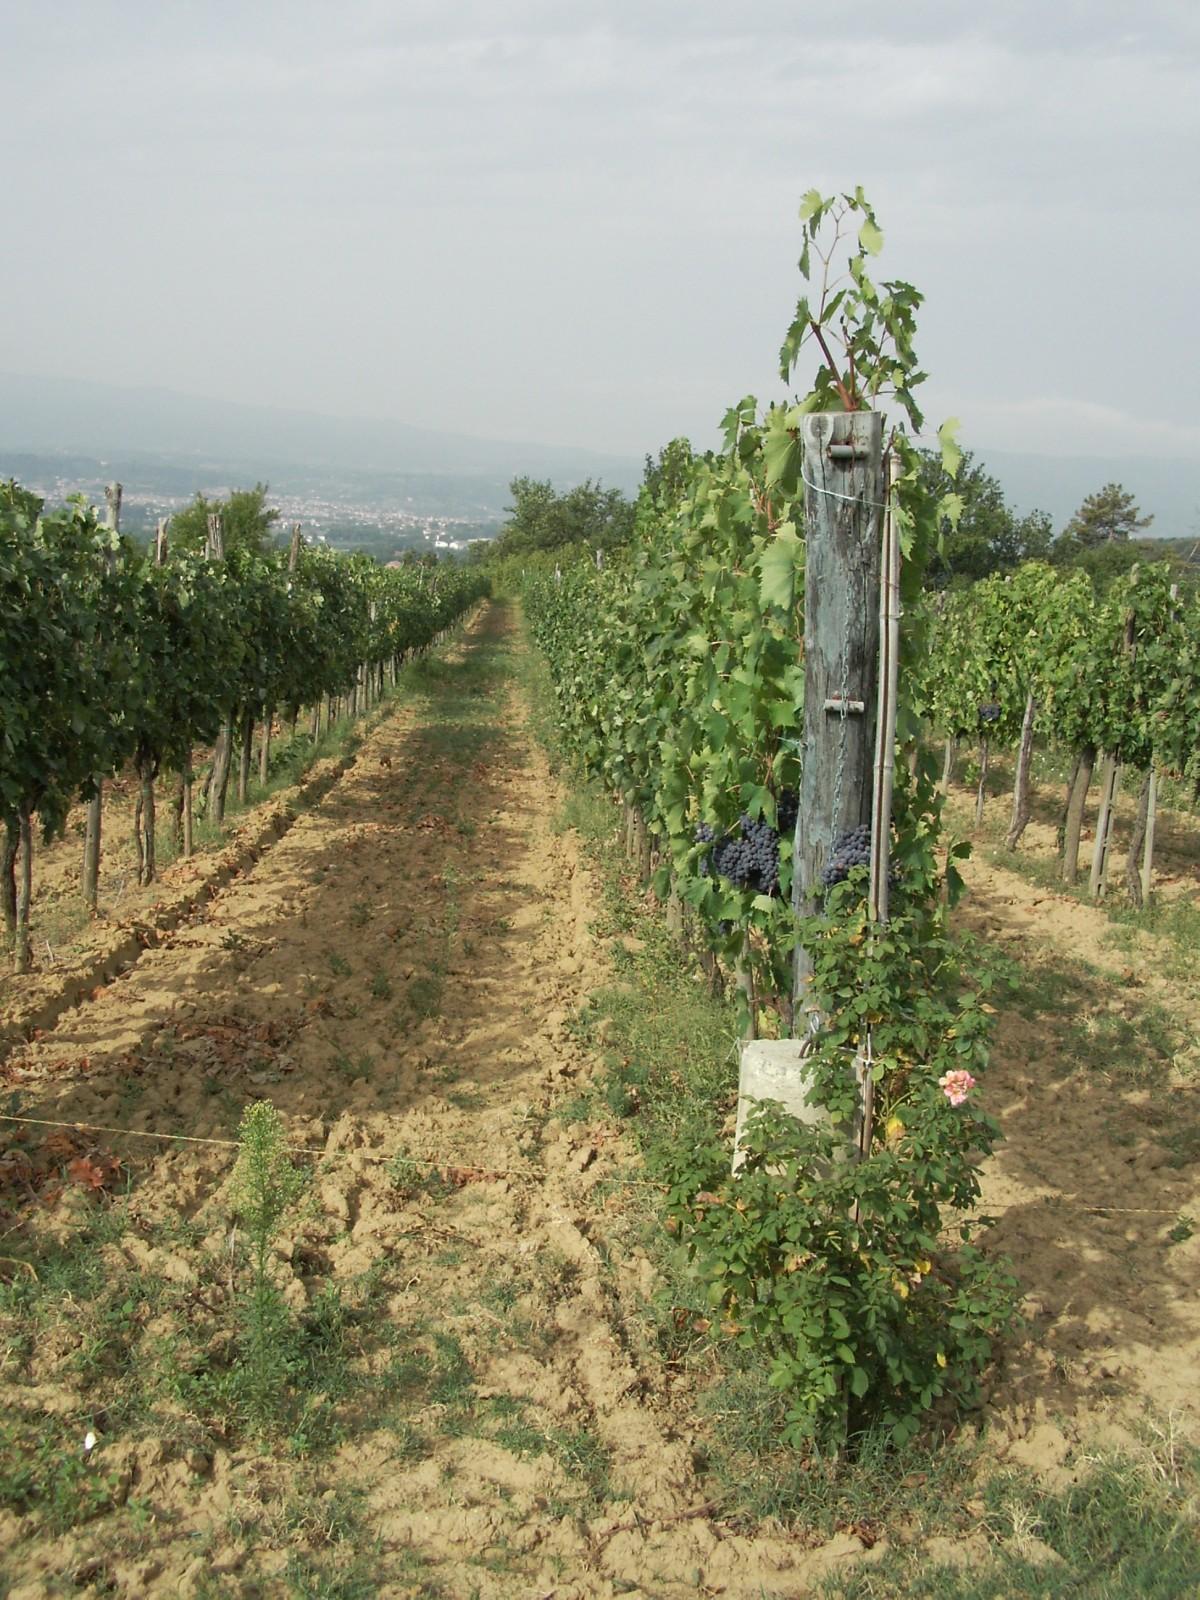 vigne-de-savernano---toscane---01.jpg